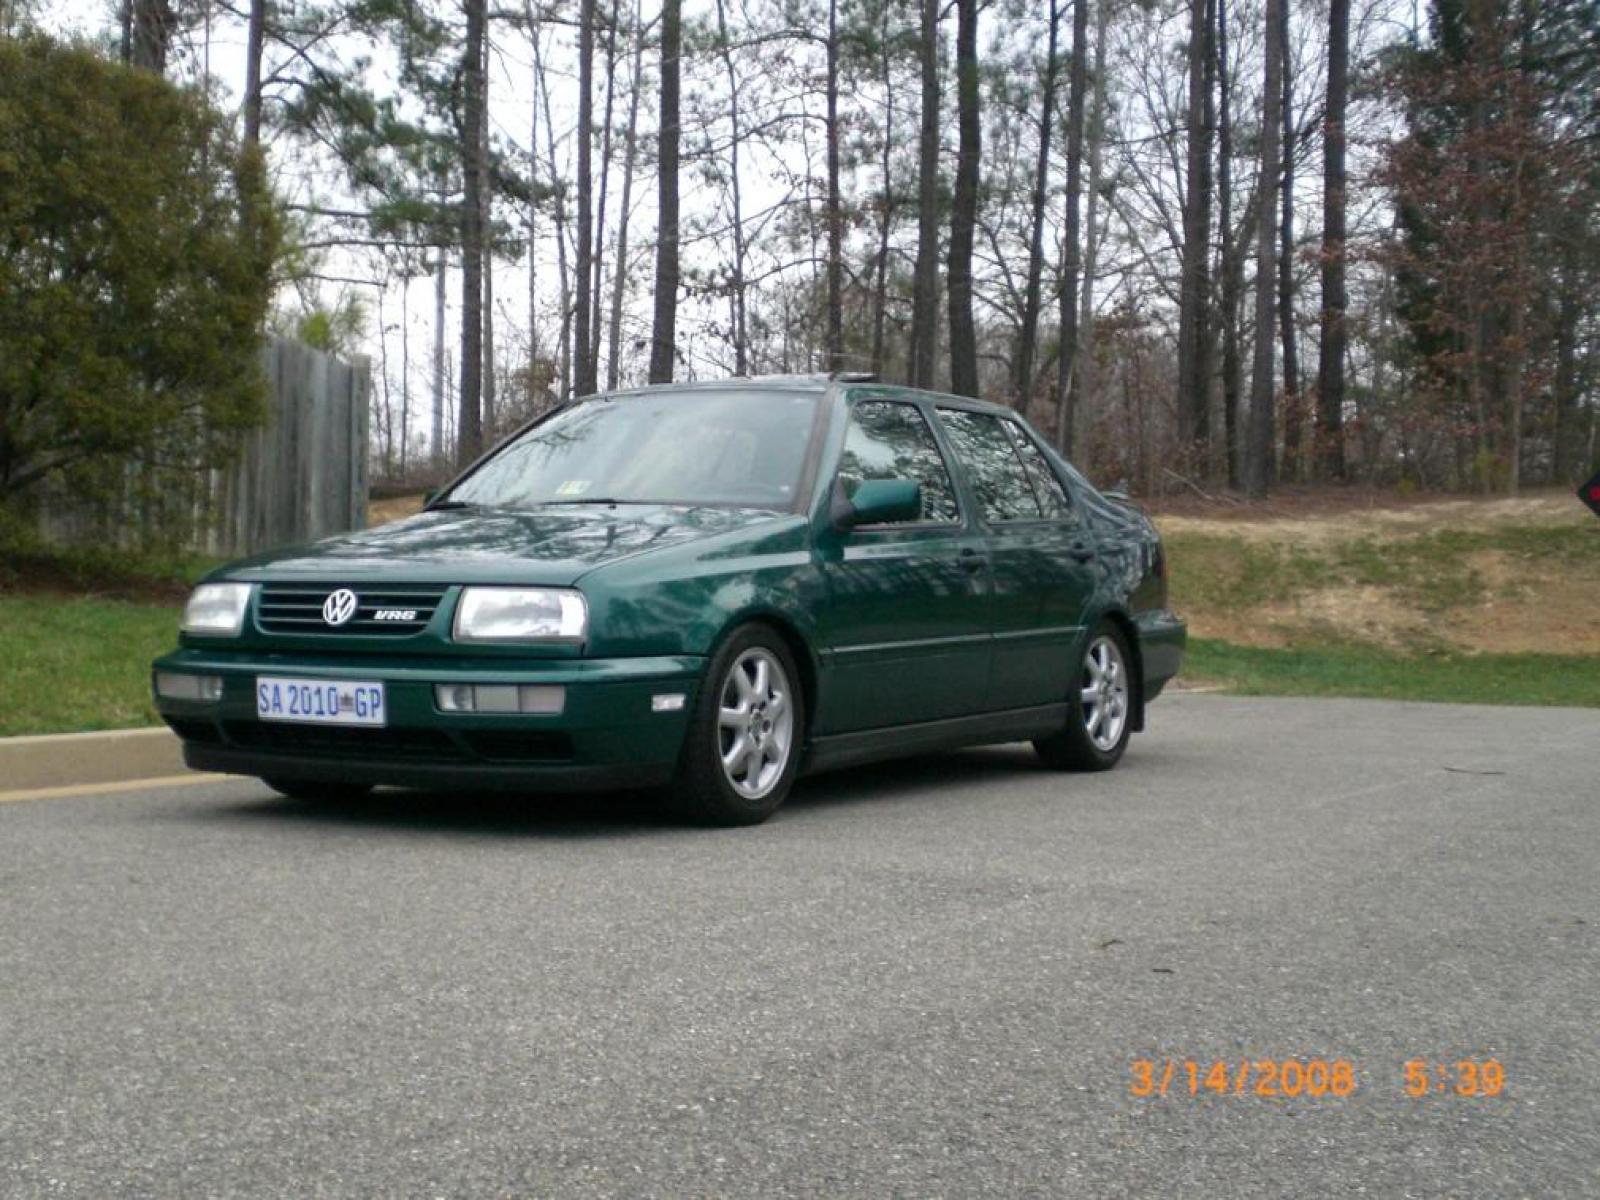 1997 Volkswagen Jetta #8 Volkswagen Jetta #8 800 1024 1280 1600 origin ...